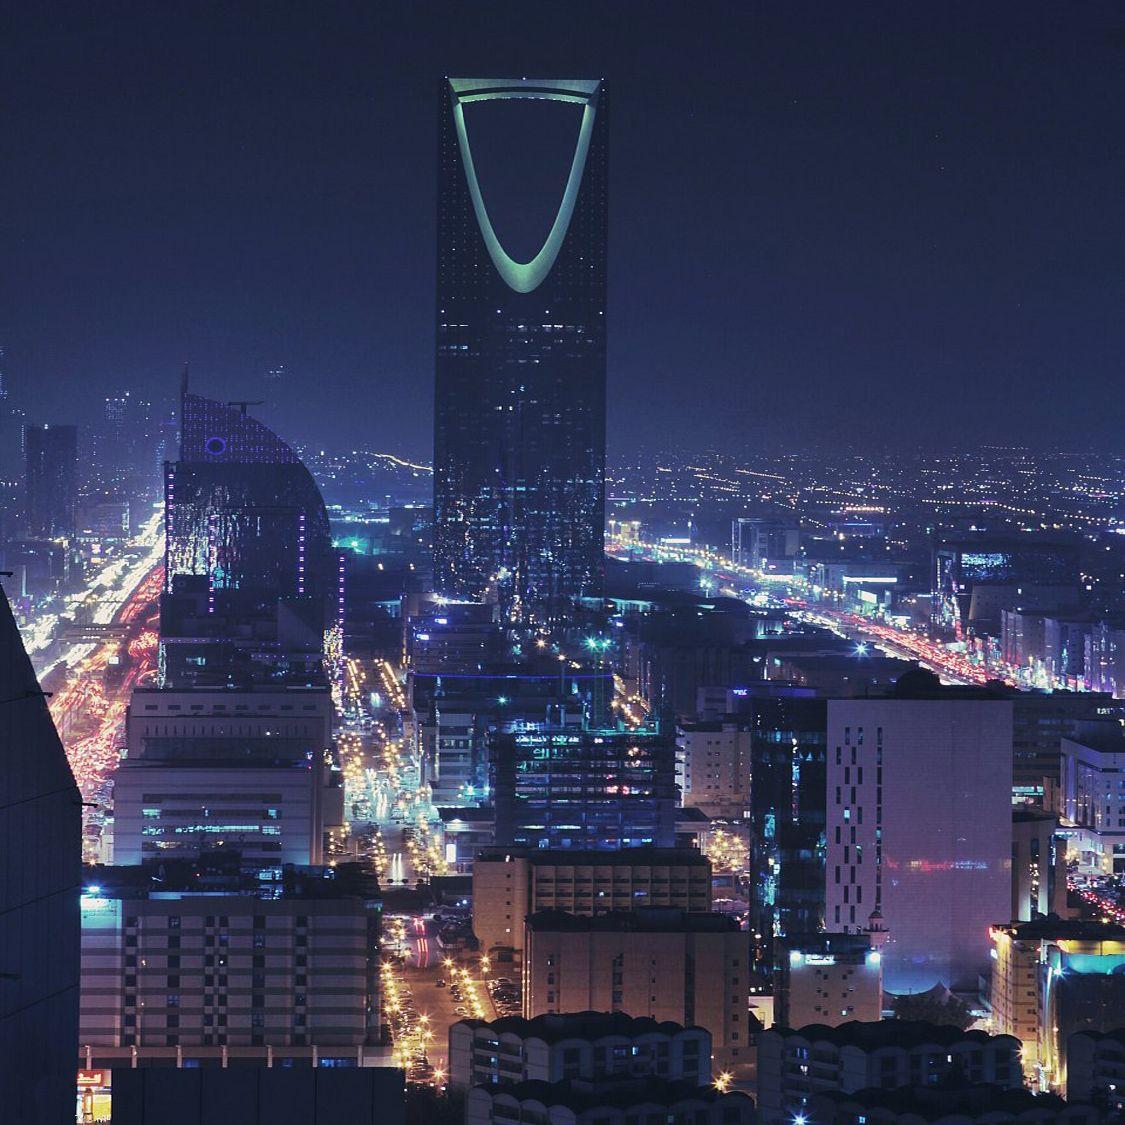 برج المملكة في المساء Bay Bridge Landmarks Saudi Arabia